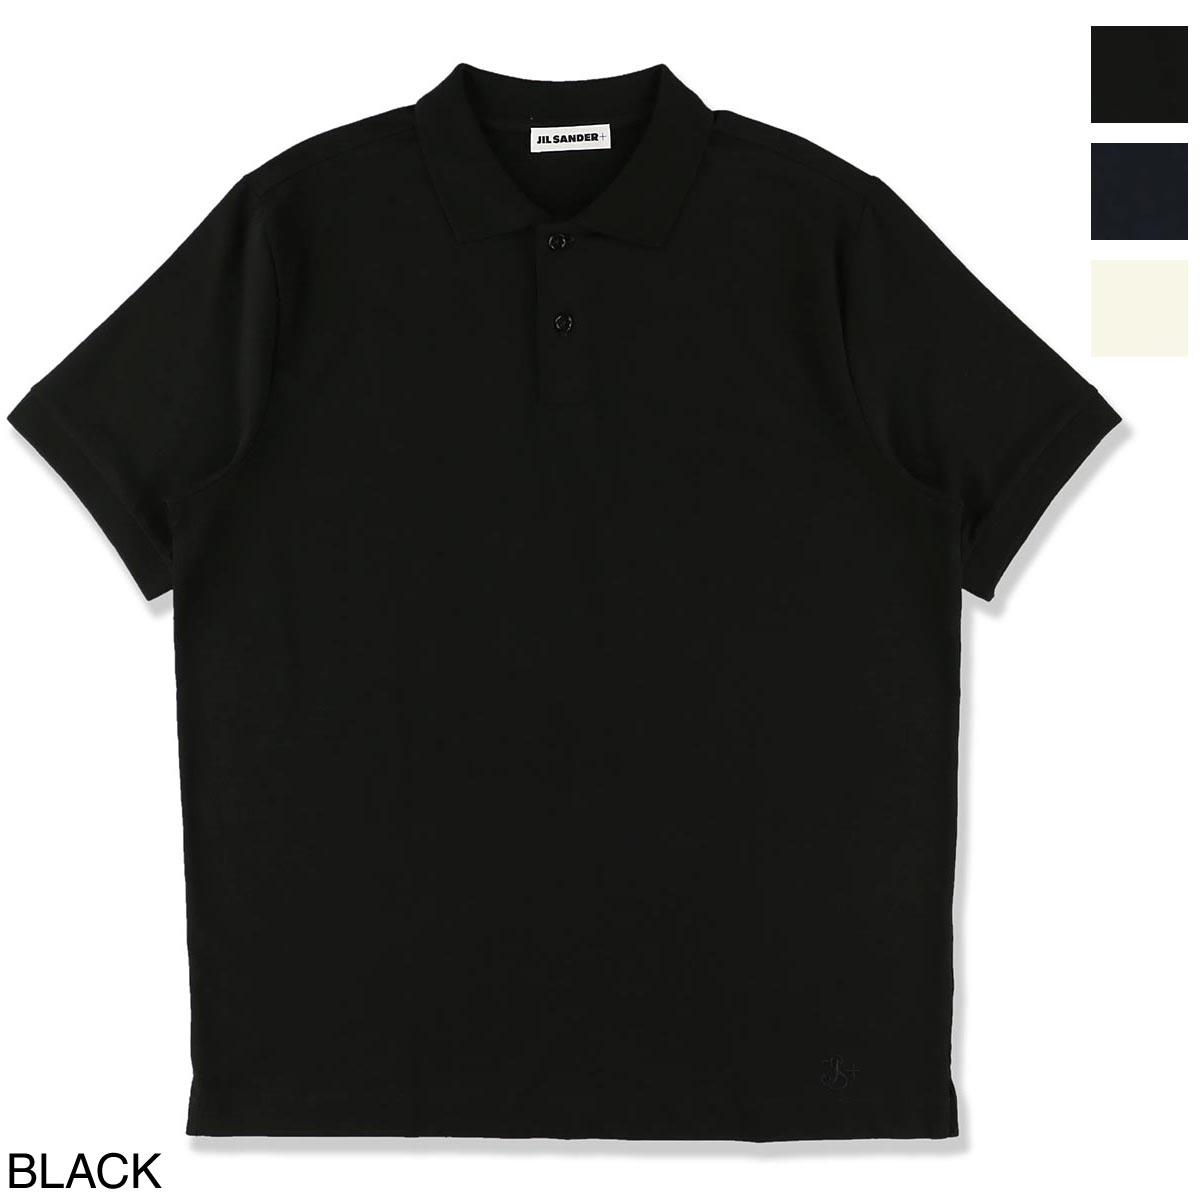 ジル・サンダー JIL SANDER ポロシャツ メンズ jpuq706518 mq257308 001【あす楽対応_関東】【返品送料無料】【ラッピング無料】